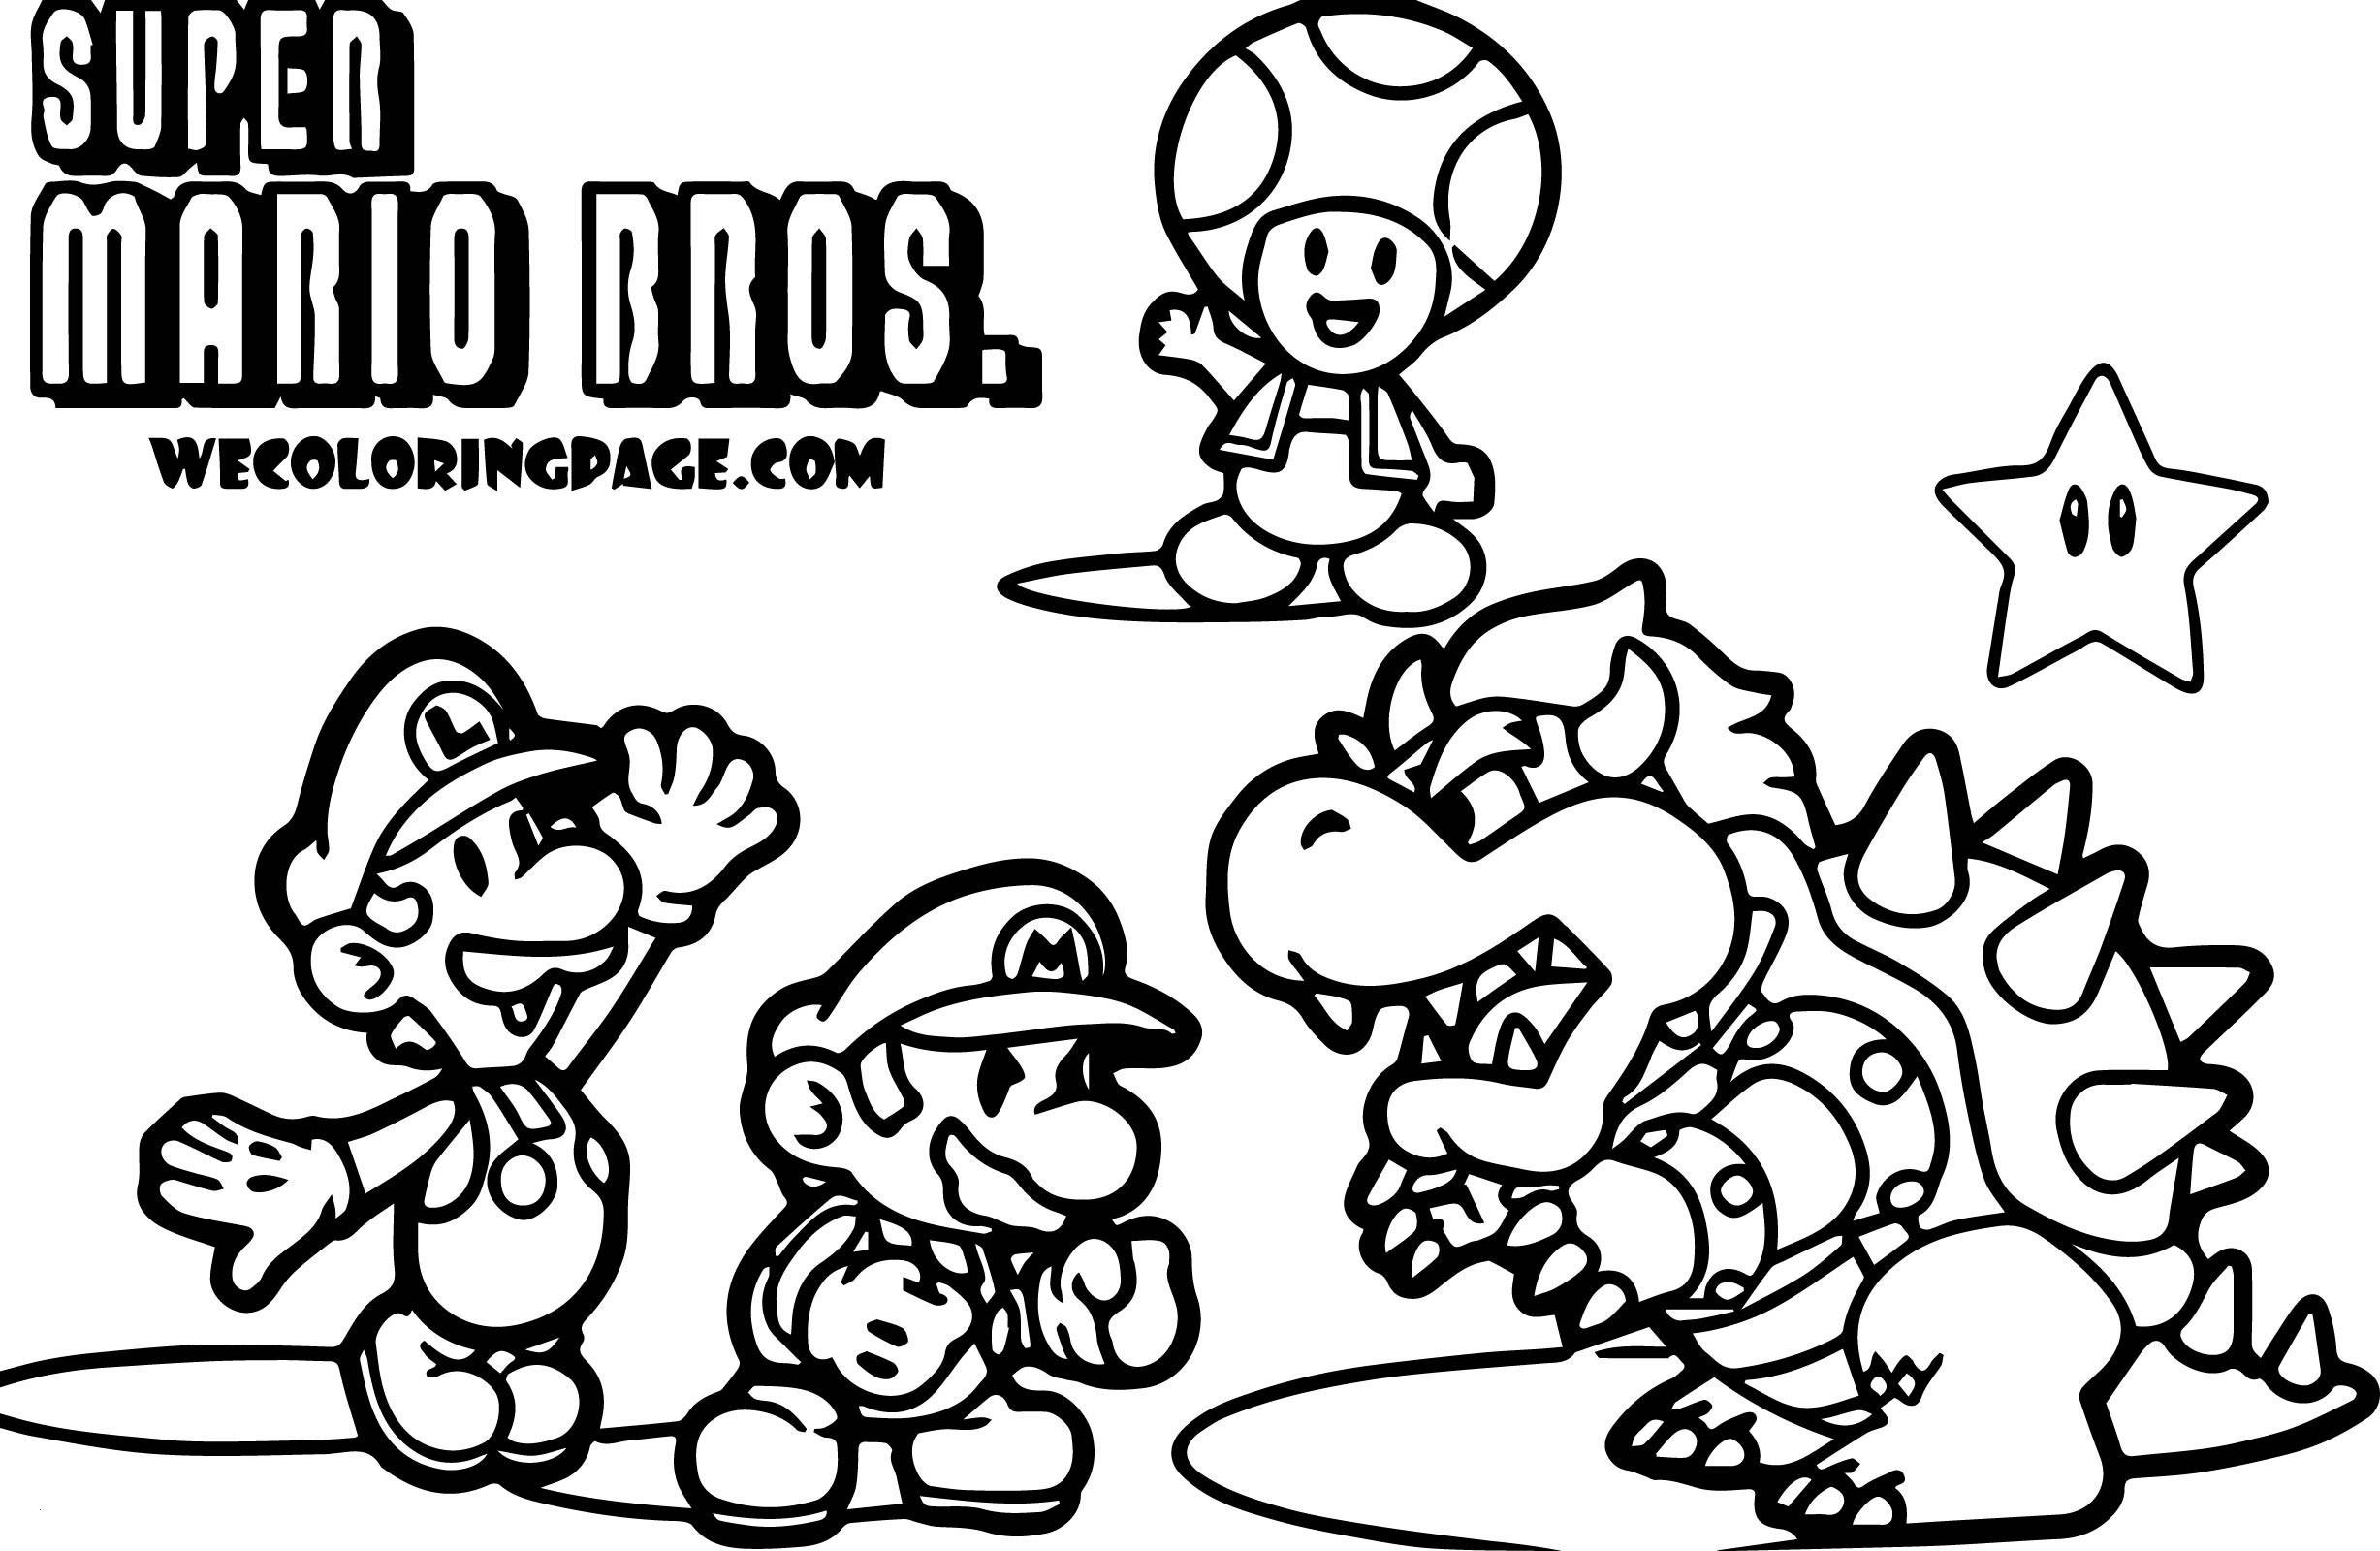 Super Mario Malvorlagen Inspirierend Super Mario Brothers Coloring Pages Best Ausgezeichnet Super Elegant Bilder